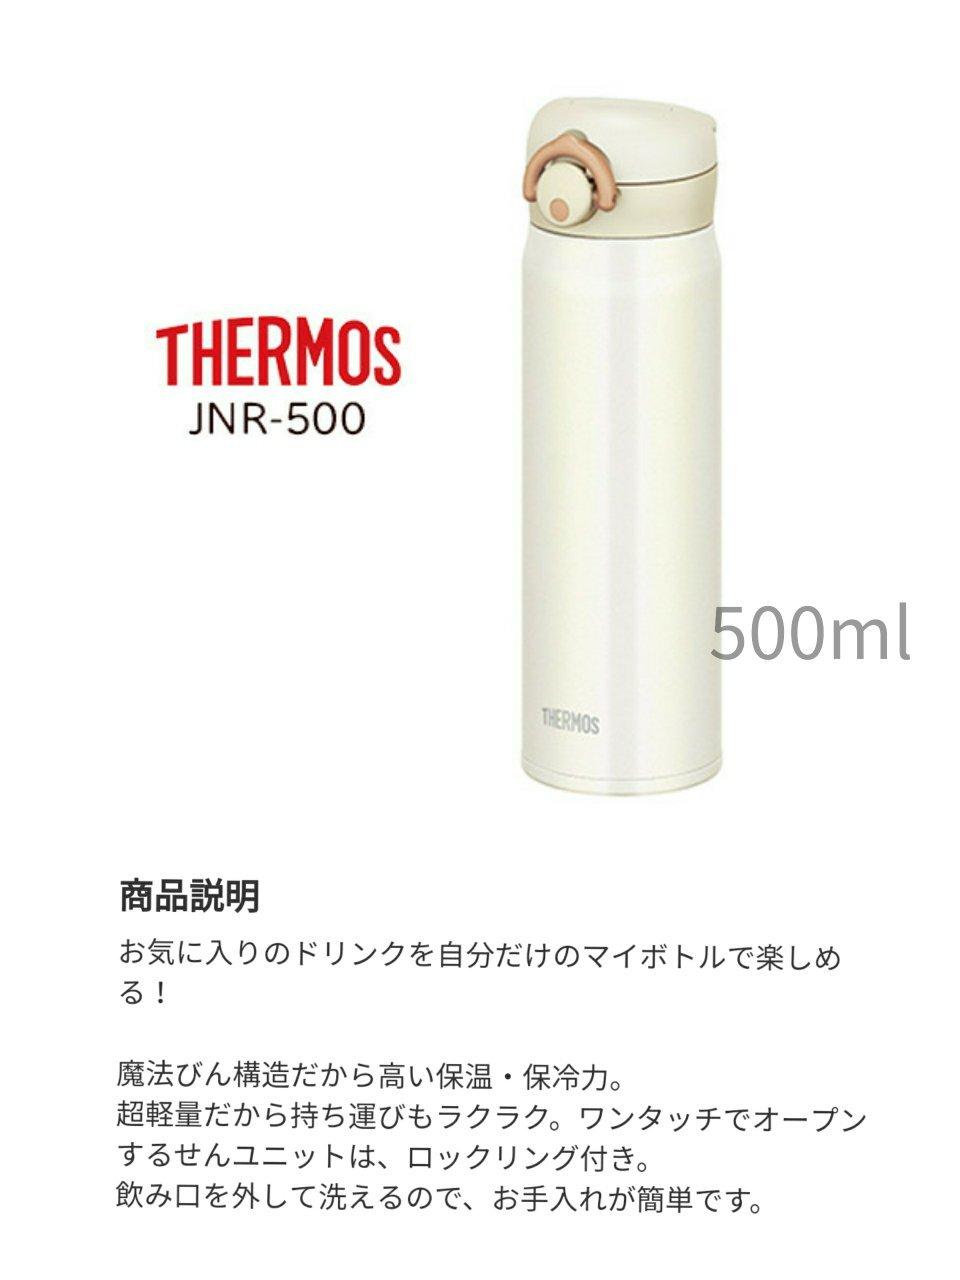 サーモスの水筒入荷予定_f0255704_04301925.jpg